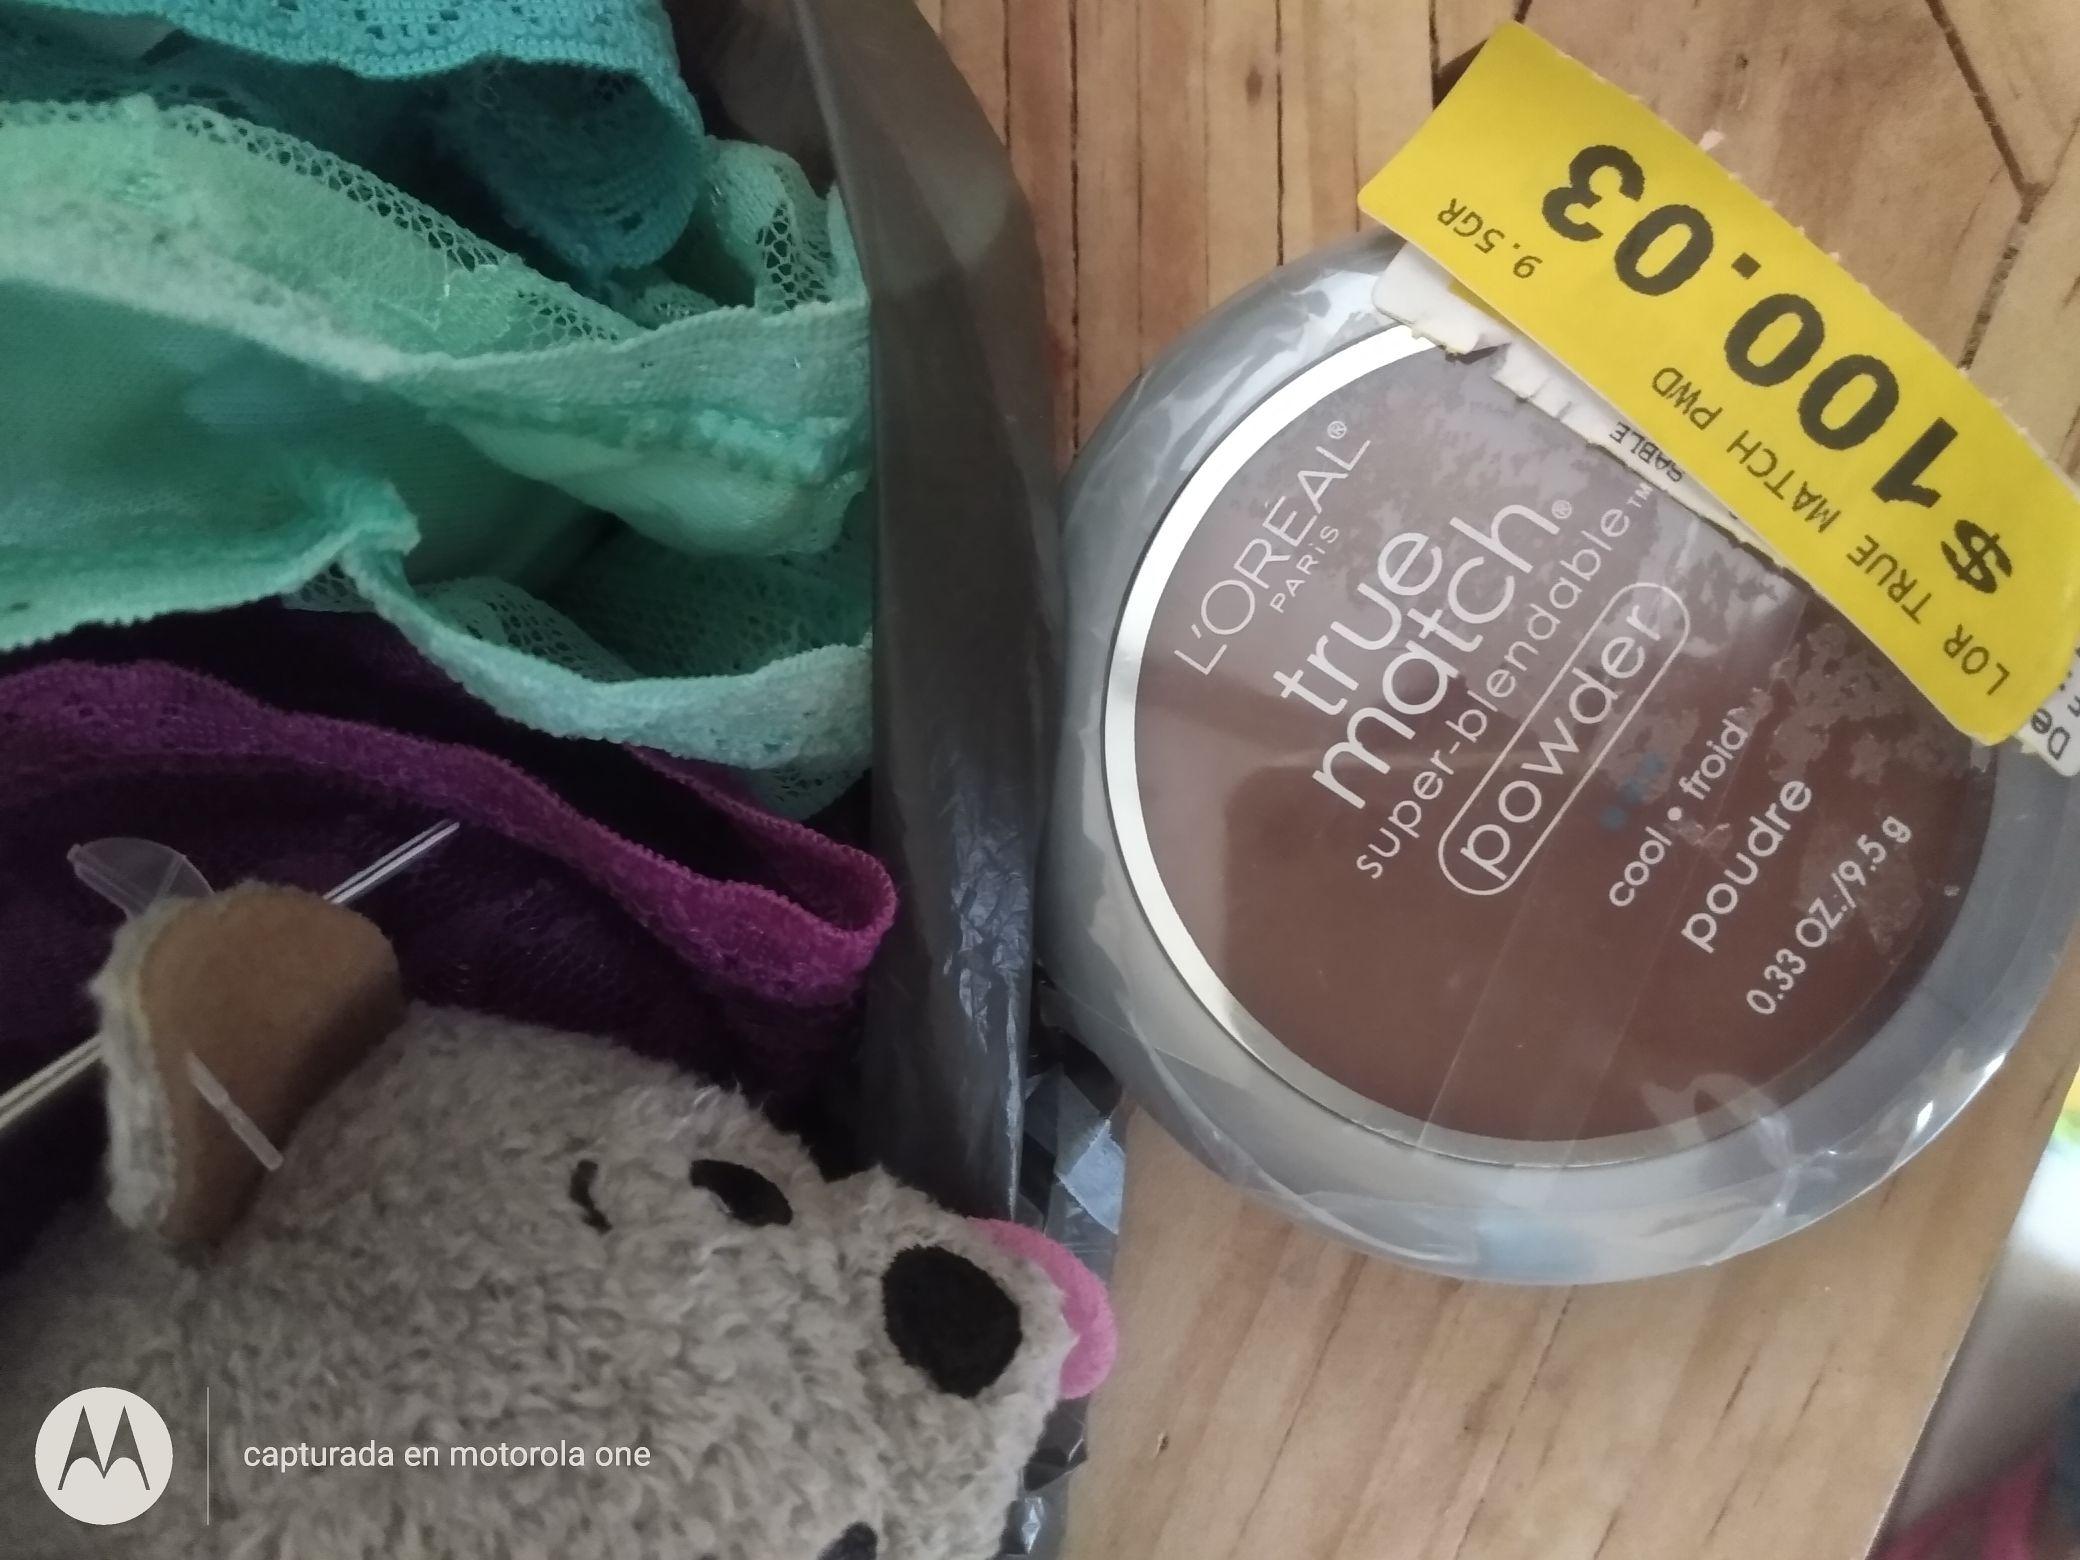 Walmart: Polvo True Match 50.02, más calzones, bolsas, ropa etc